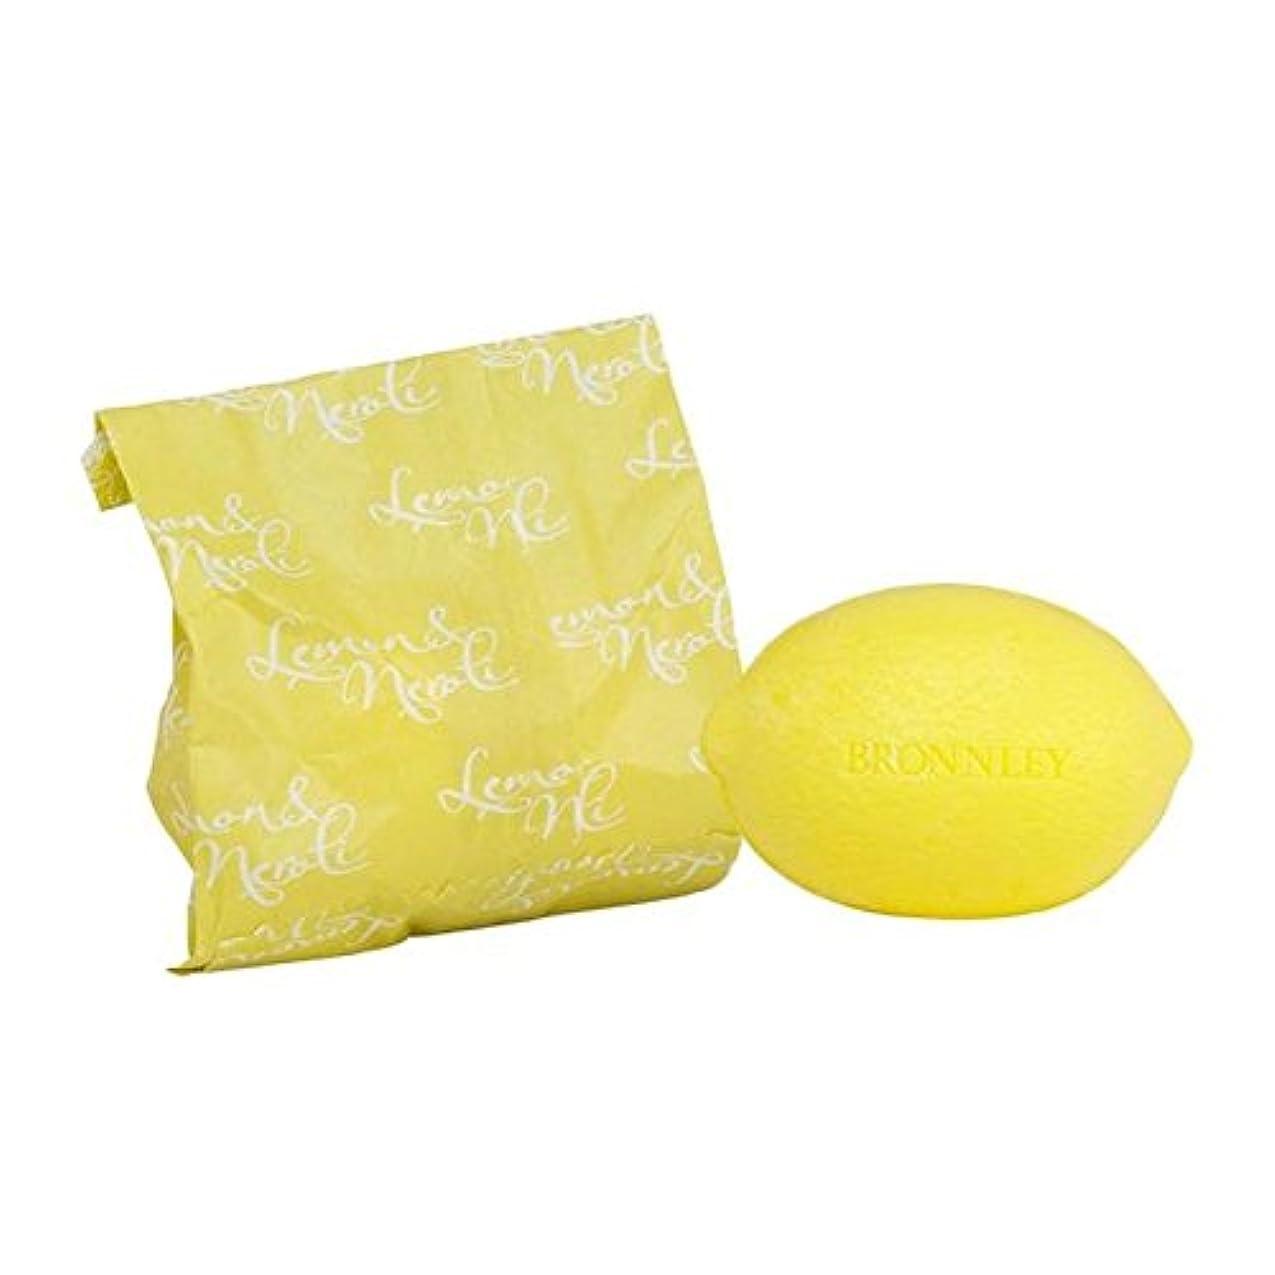 ラバ精緻化悲惨なBronnley Lemon & Neroli Soap 100g - レモン&ネロリ石鹸100グラム [並行輸入品]